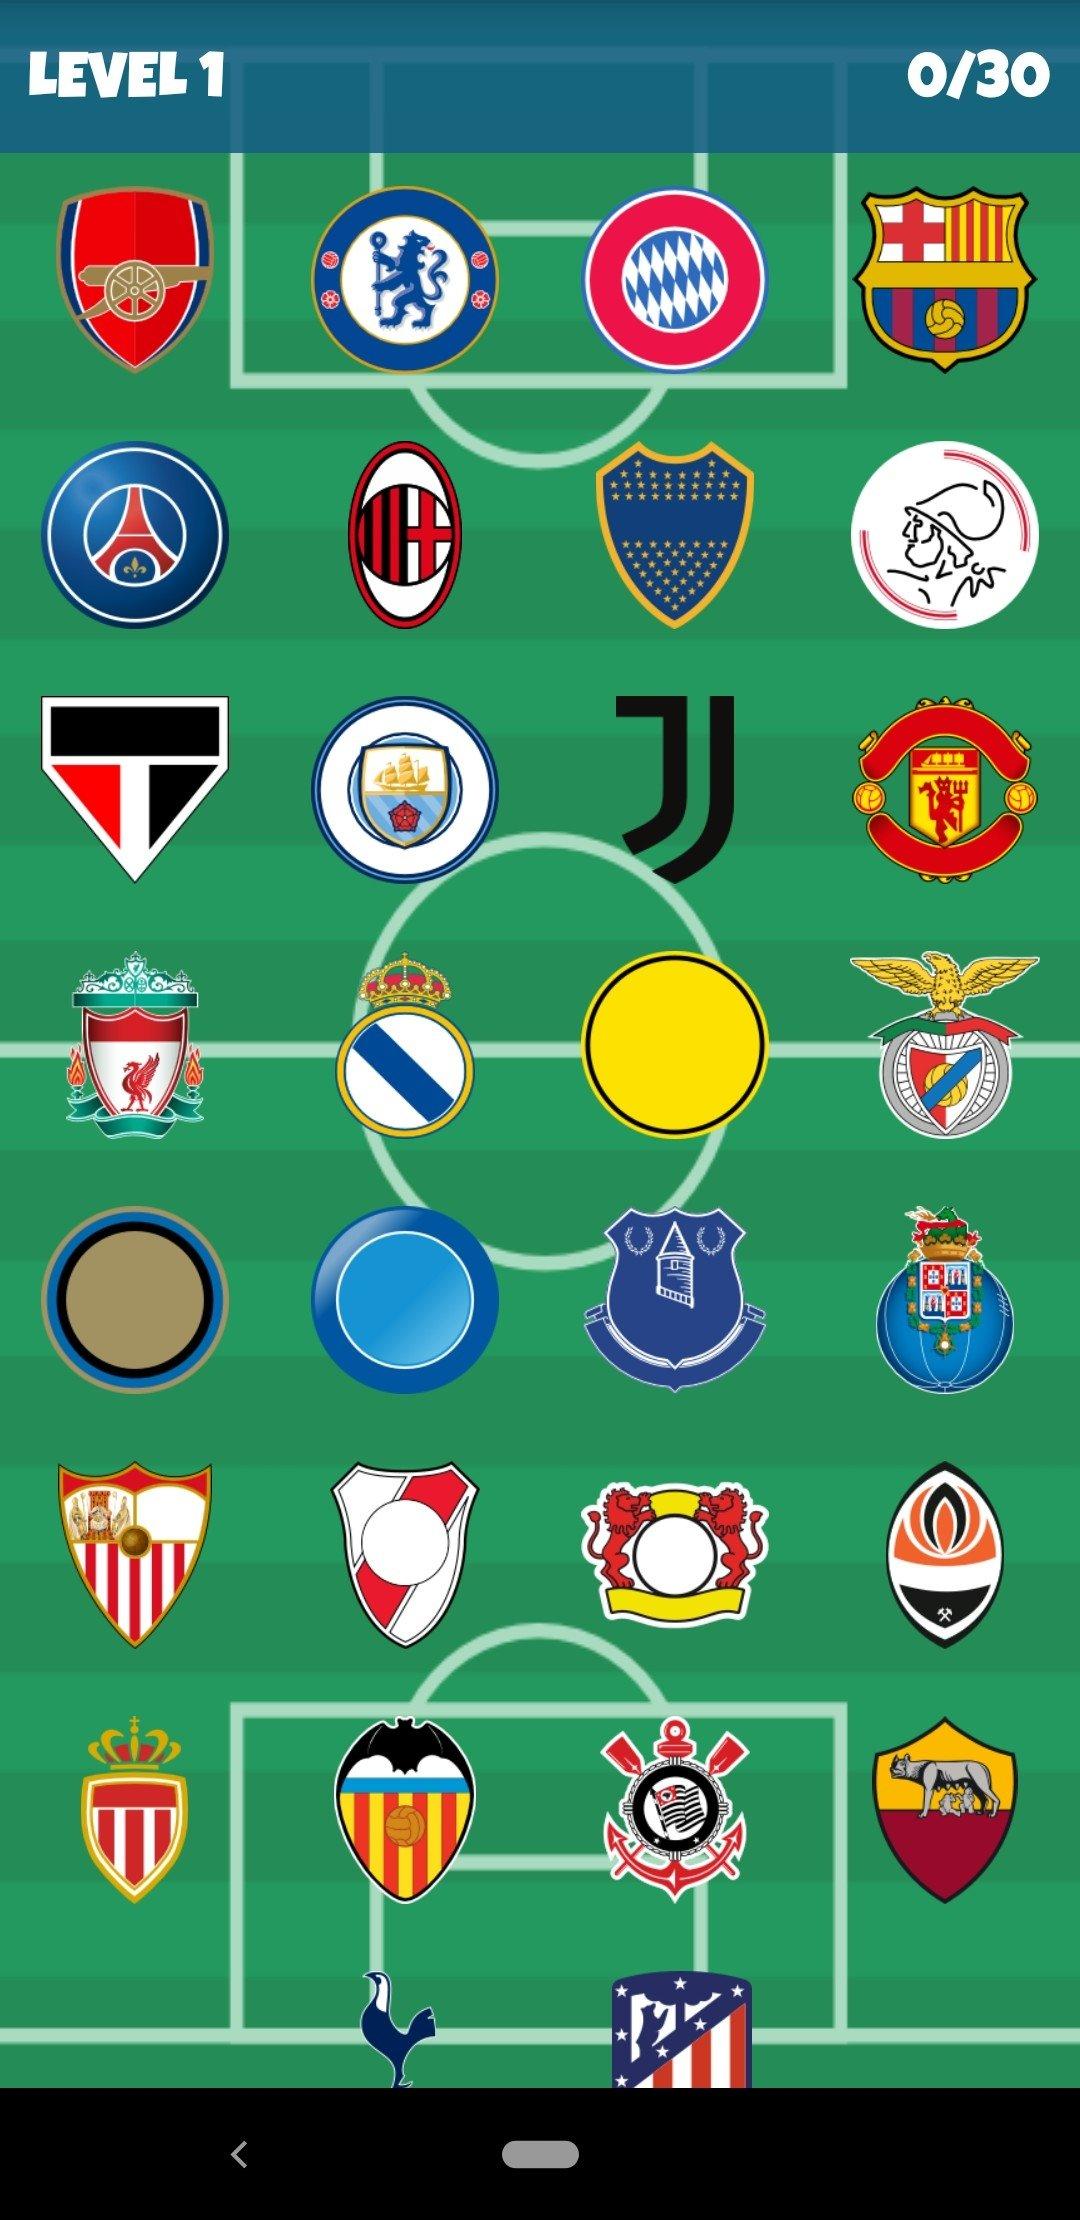 Jeux De Logo De Foot : Football, Clubs, 1.4.38, Télécharger, Android, Gratuitement